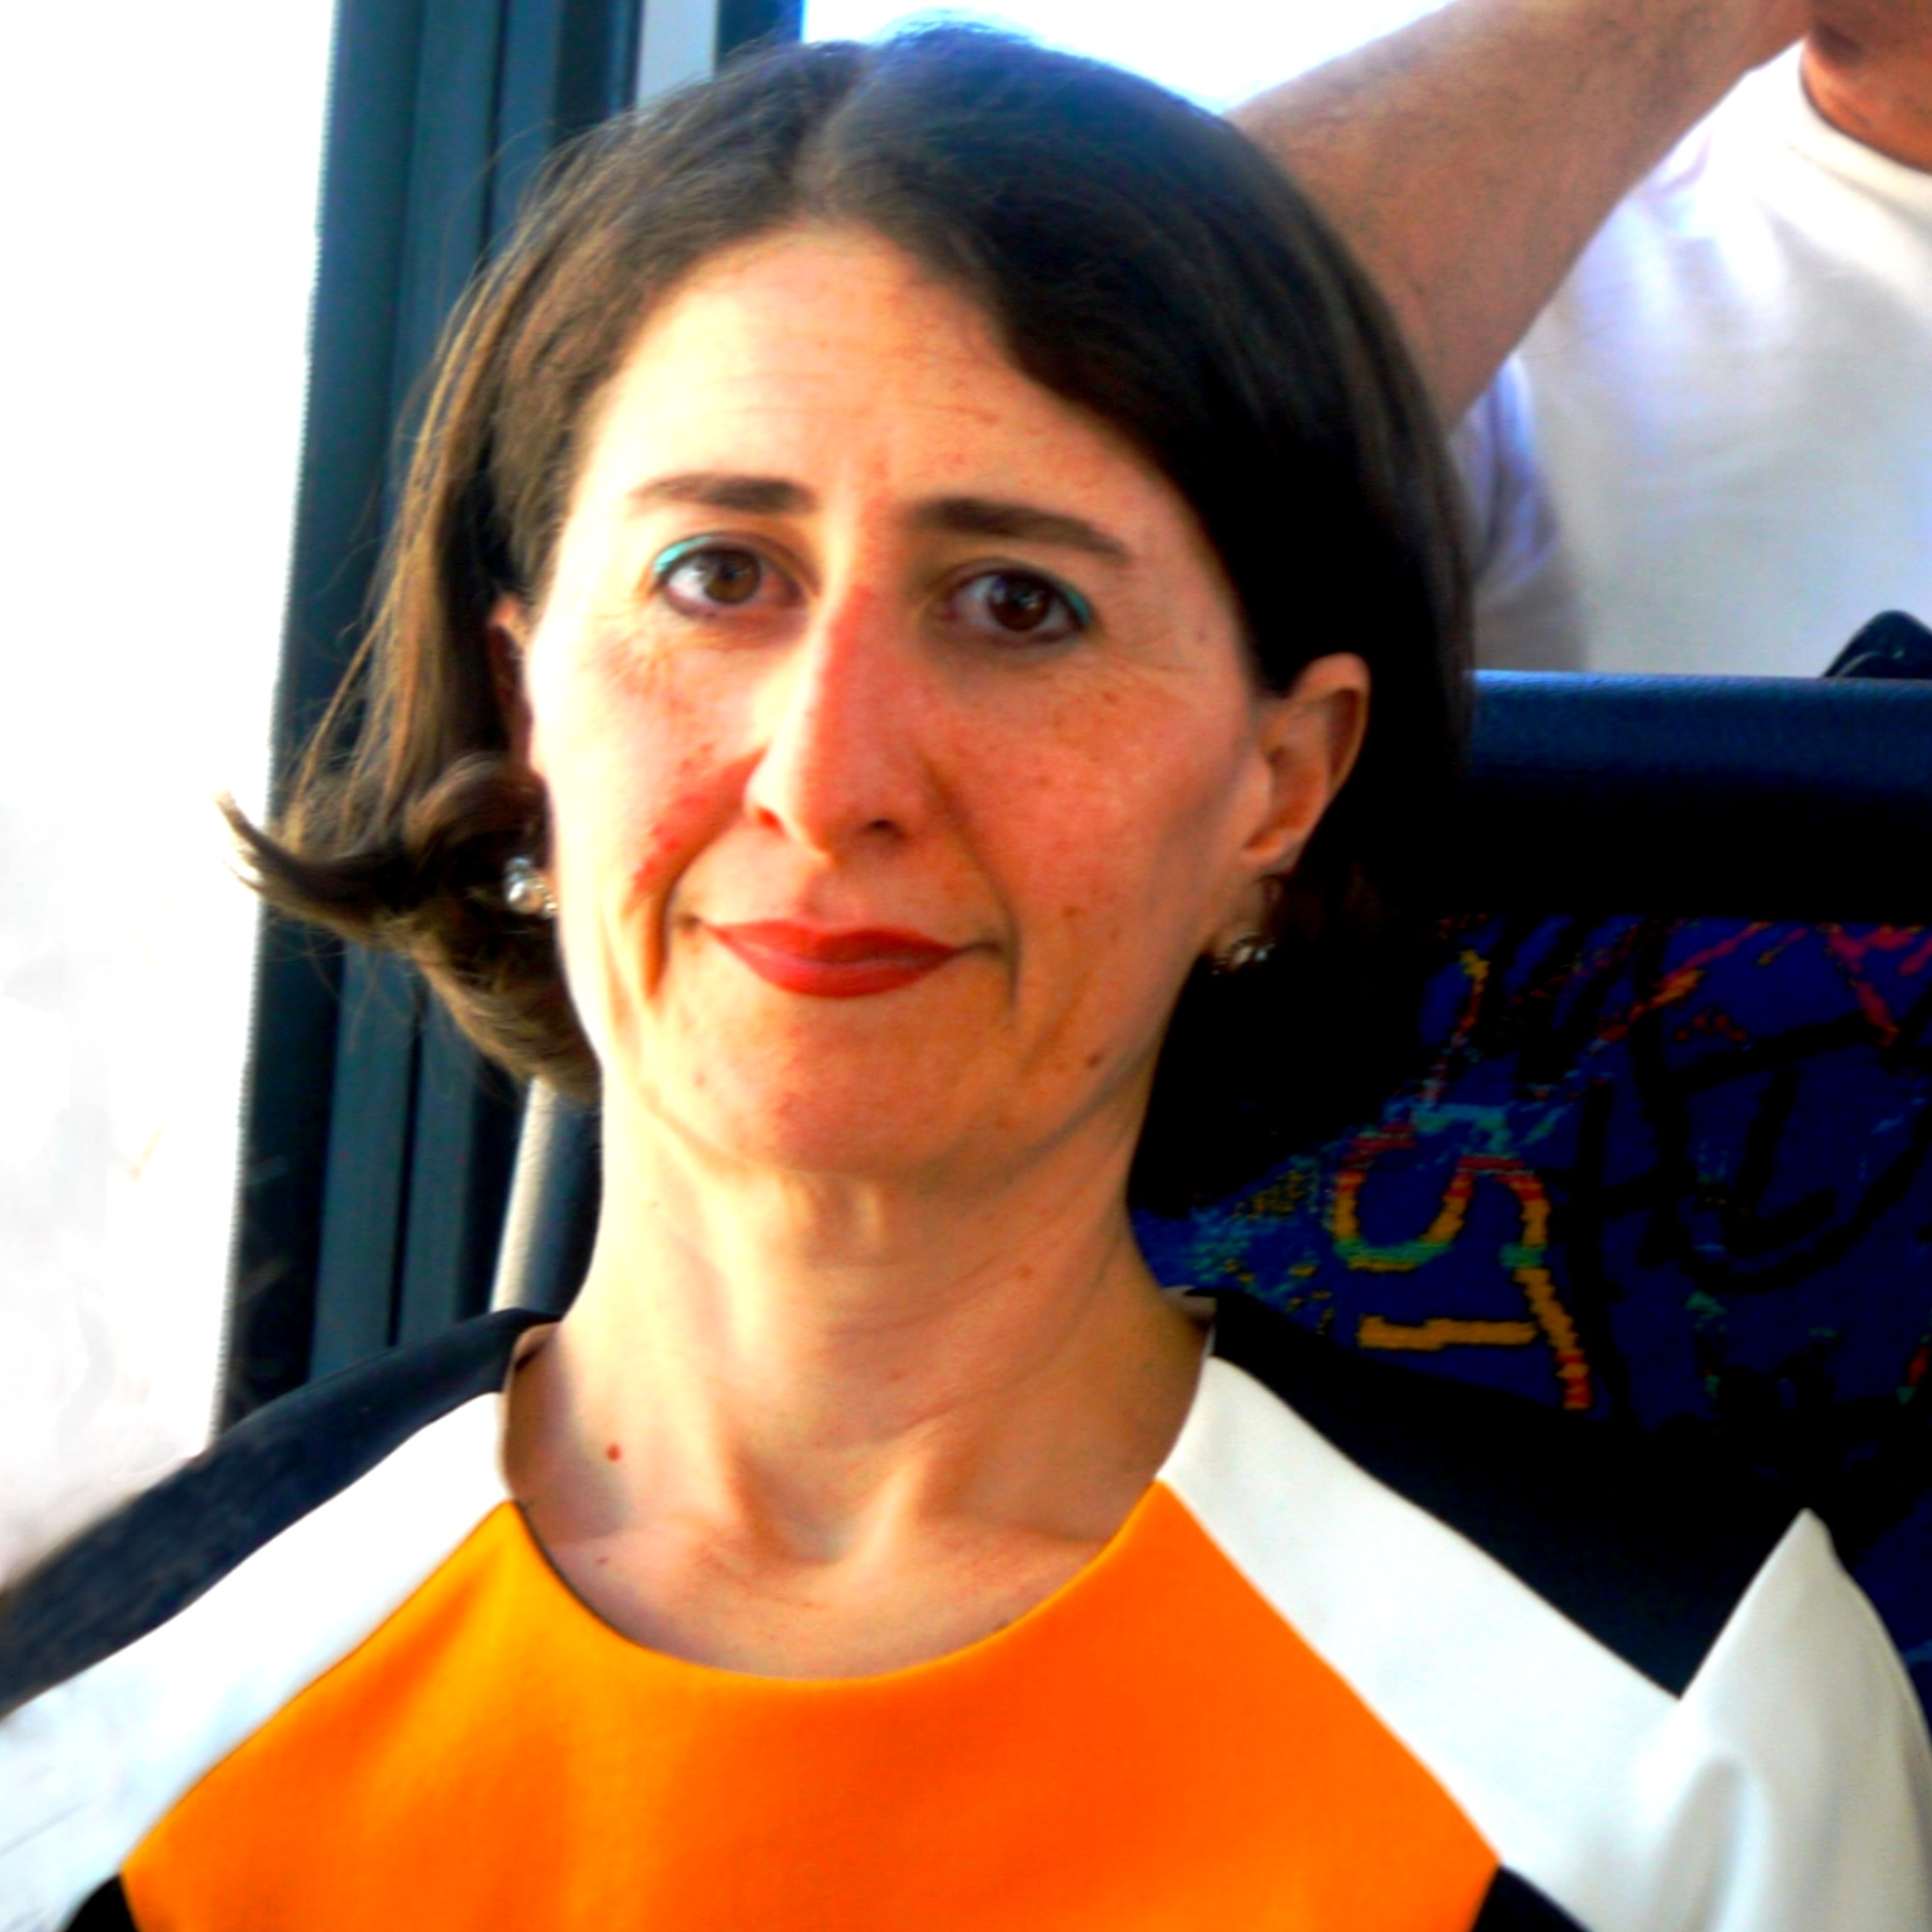 Gladys Berejiklian - Wikipedia